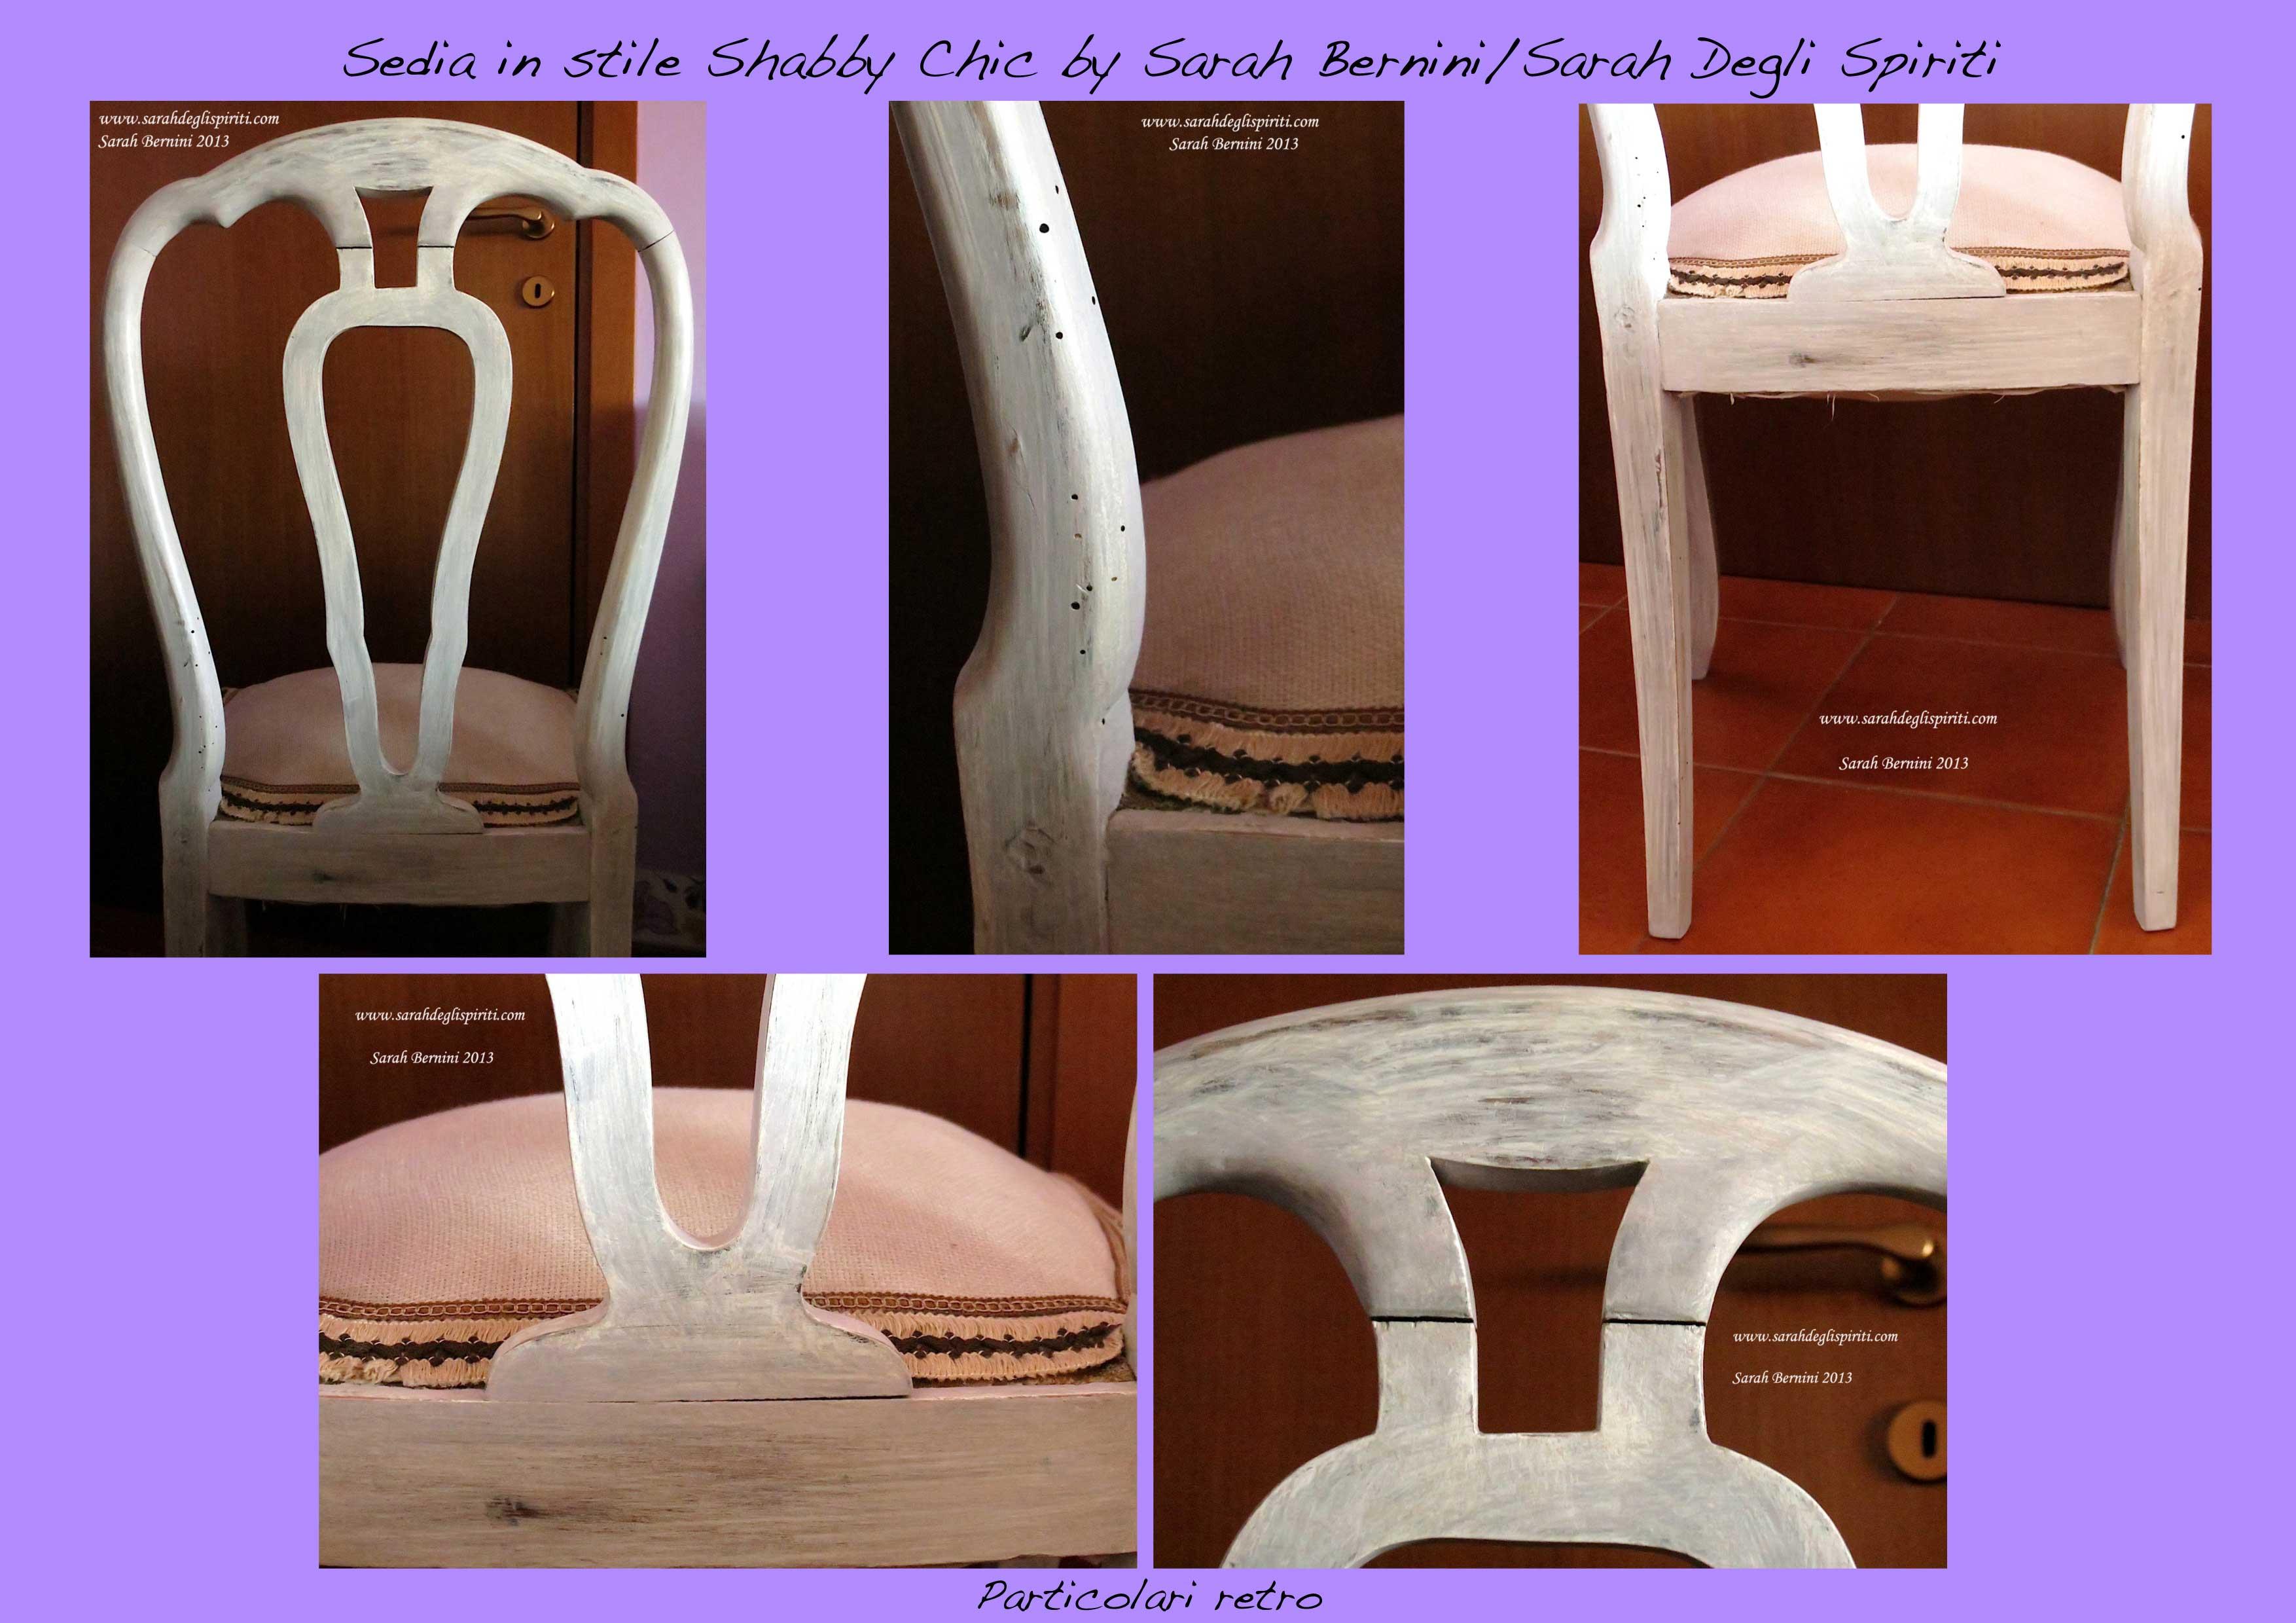 Particolari retro sedia Shabby chic by Sarah Degli Spiriti